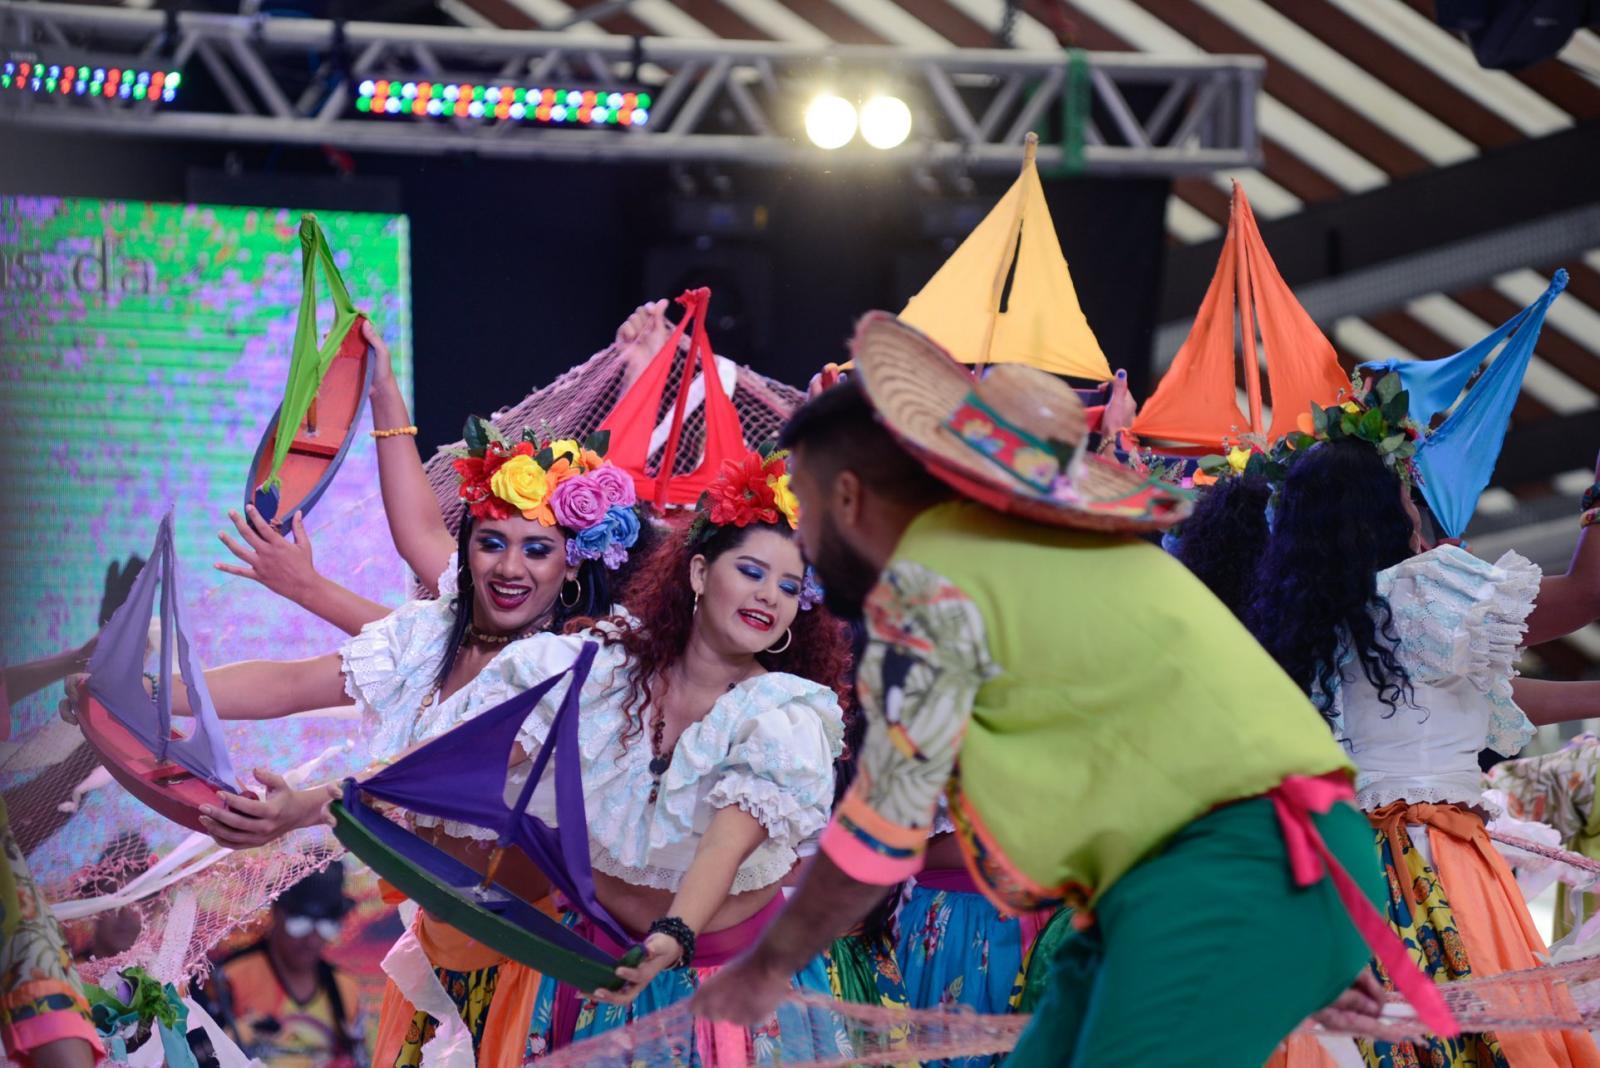 Trilhas da Amazônia brilha no Festival  Internacional do Folclore